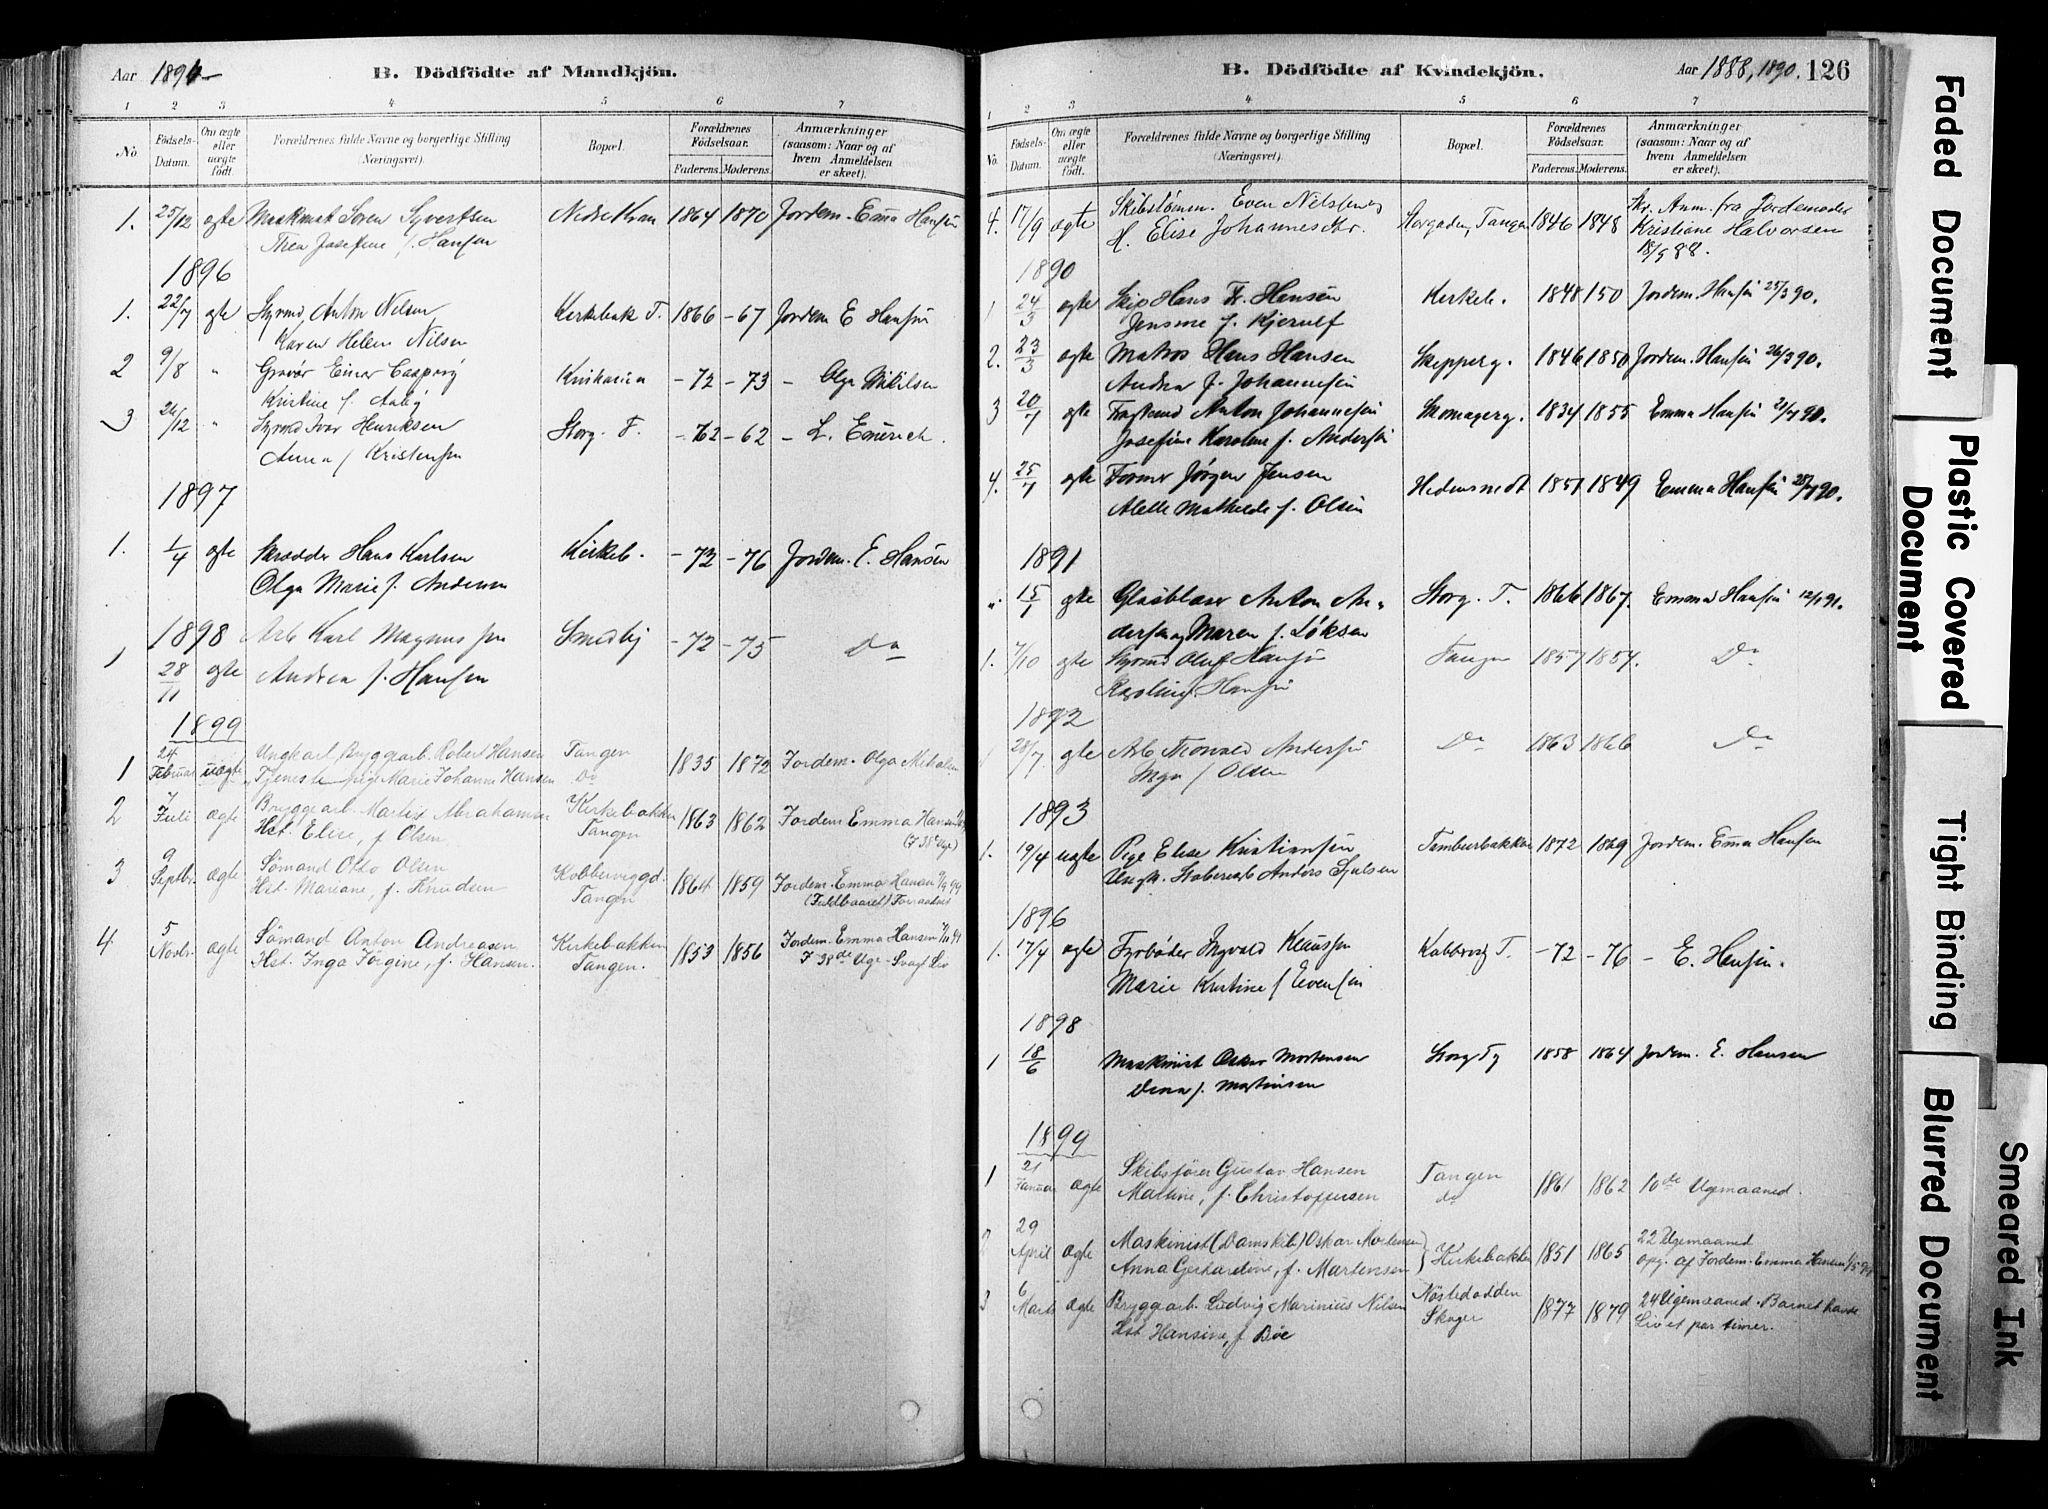 SAKO, Strømsø kirkebøker, F/Fb/L0006: Ministerialbok nr. II 6, 1879-1910, s. 126